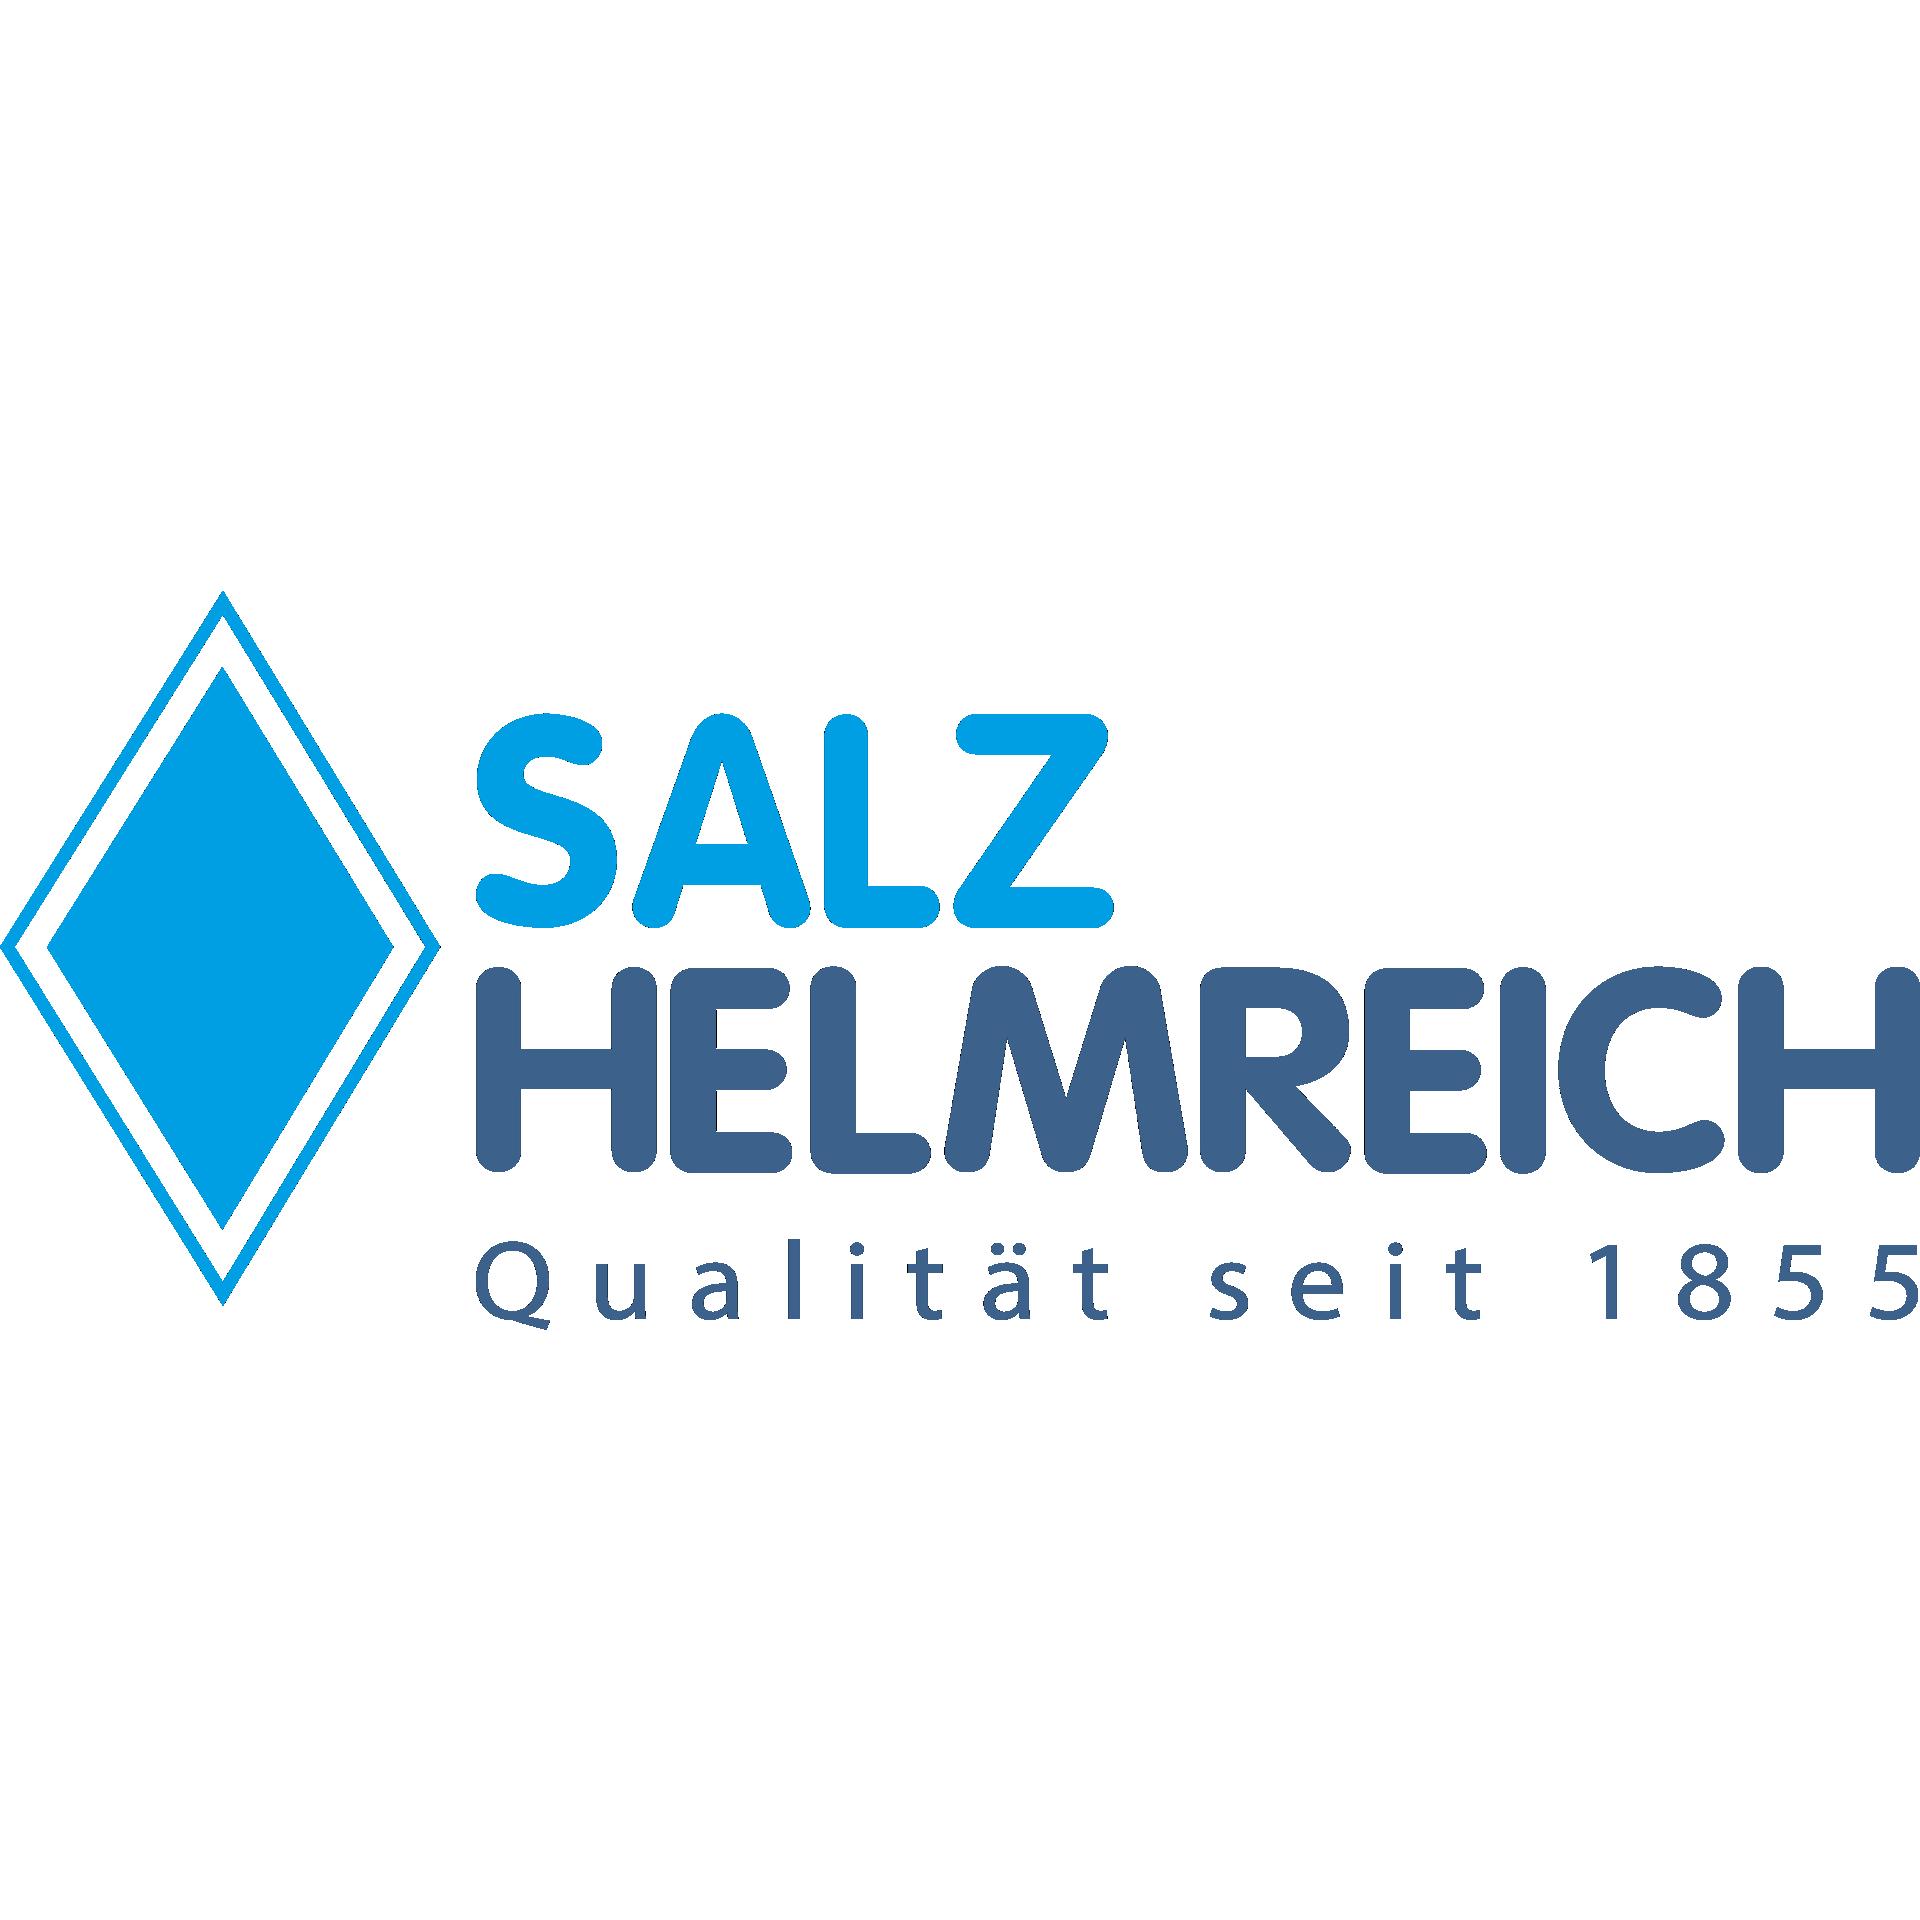 Siede - Speisesalz fein mit Calciumcarbonat  0 - 1mm im 25kg Sack